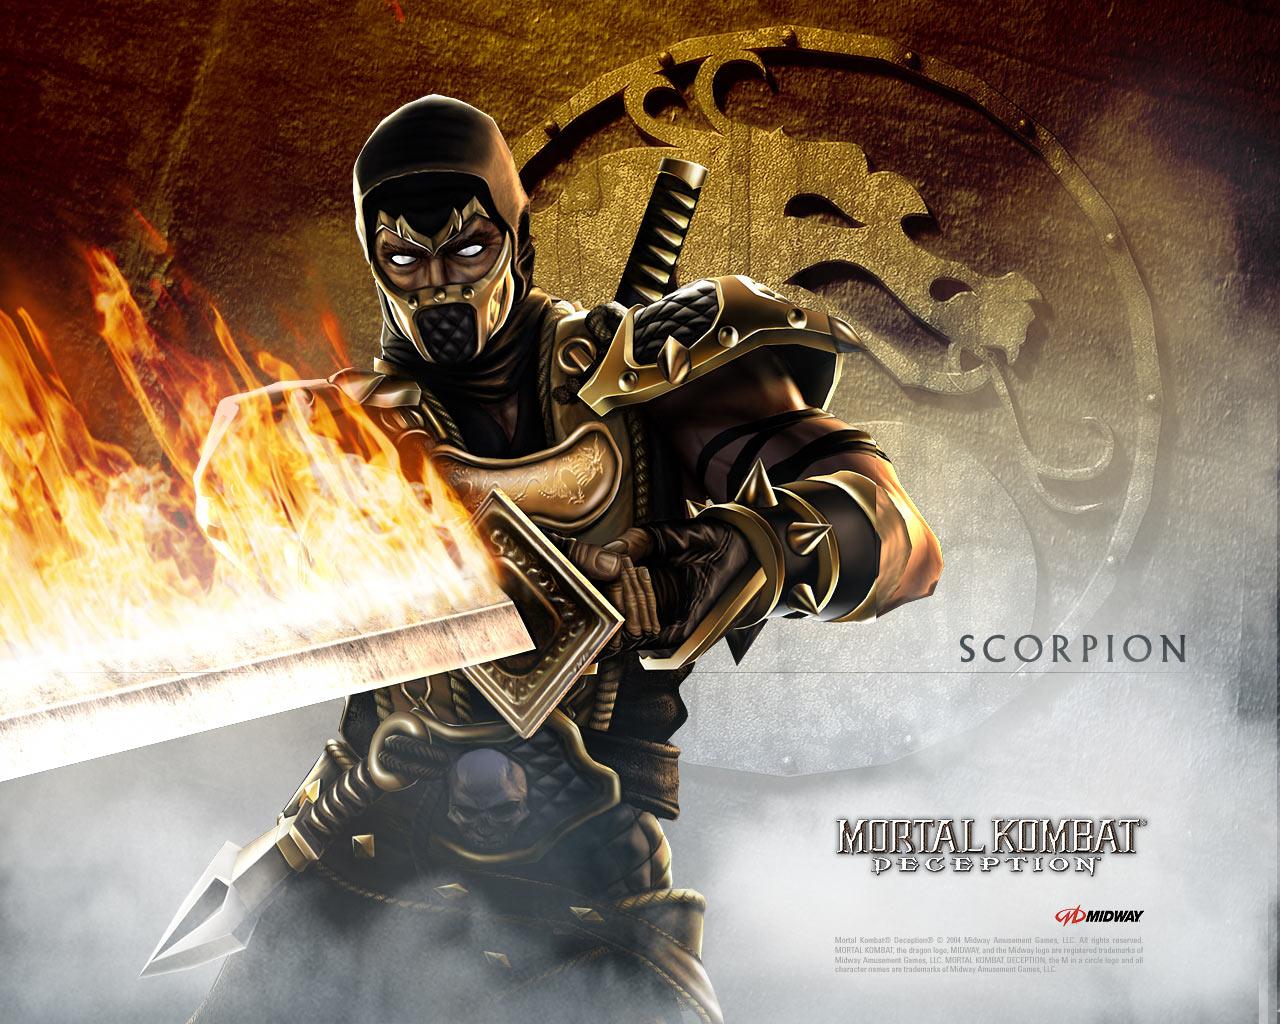 Scorpion   Mortal Kombat Deception 1280x1024